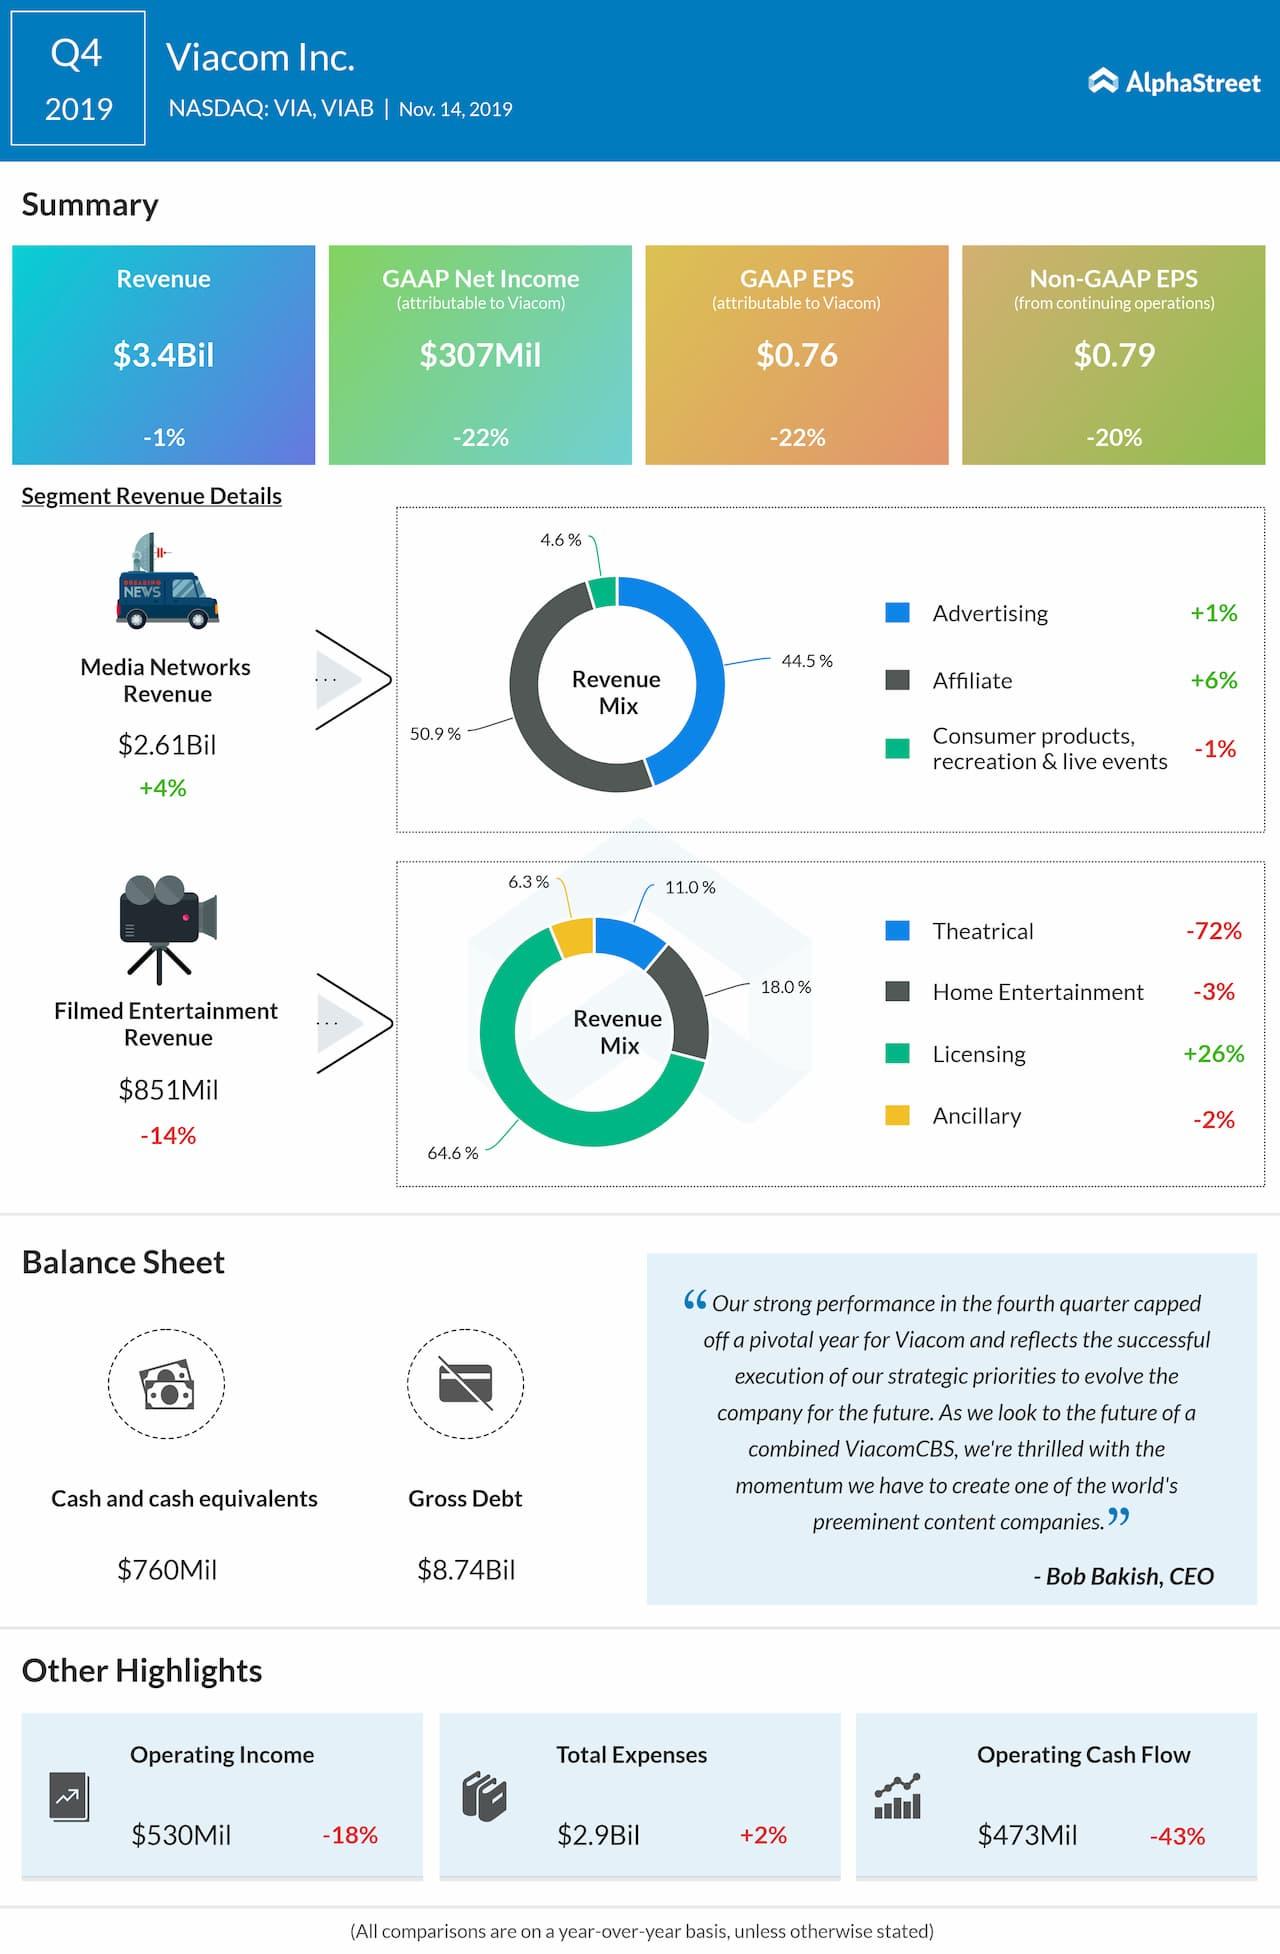 Viacom (VIAB) Q4 2019 Earnings Review